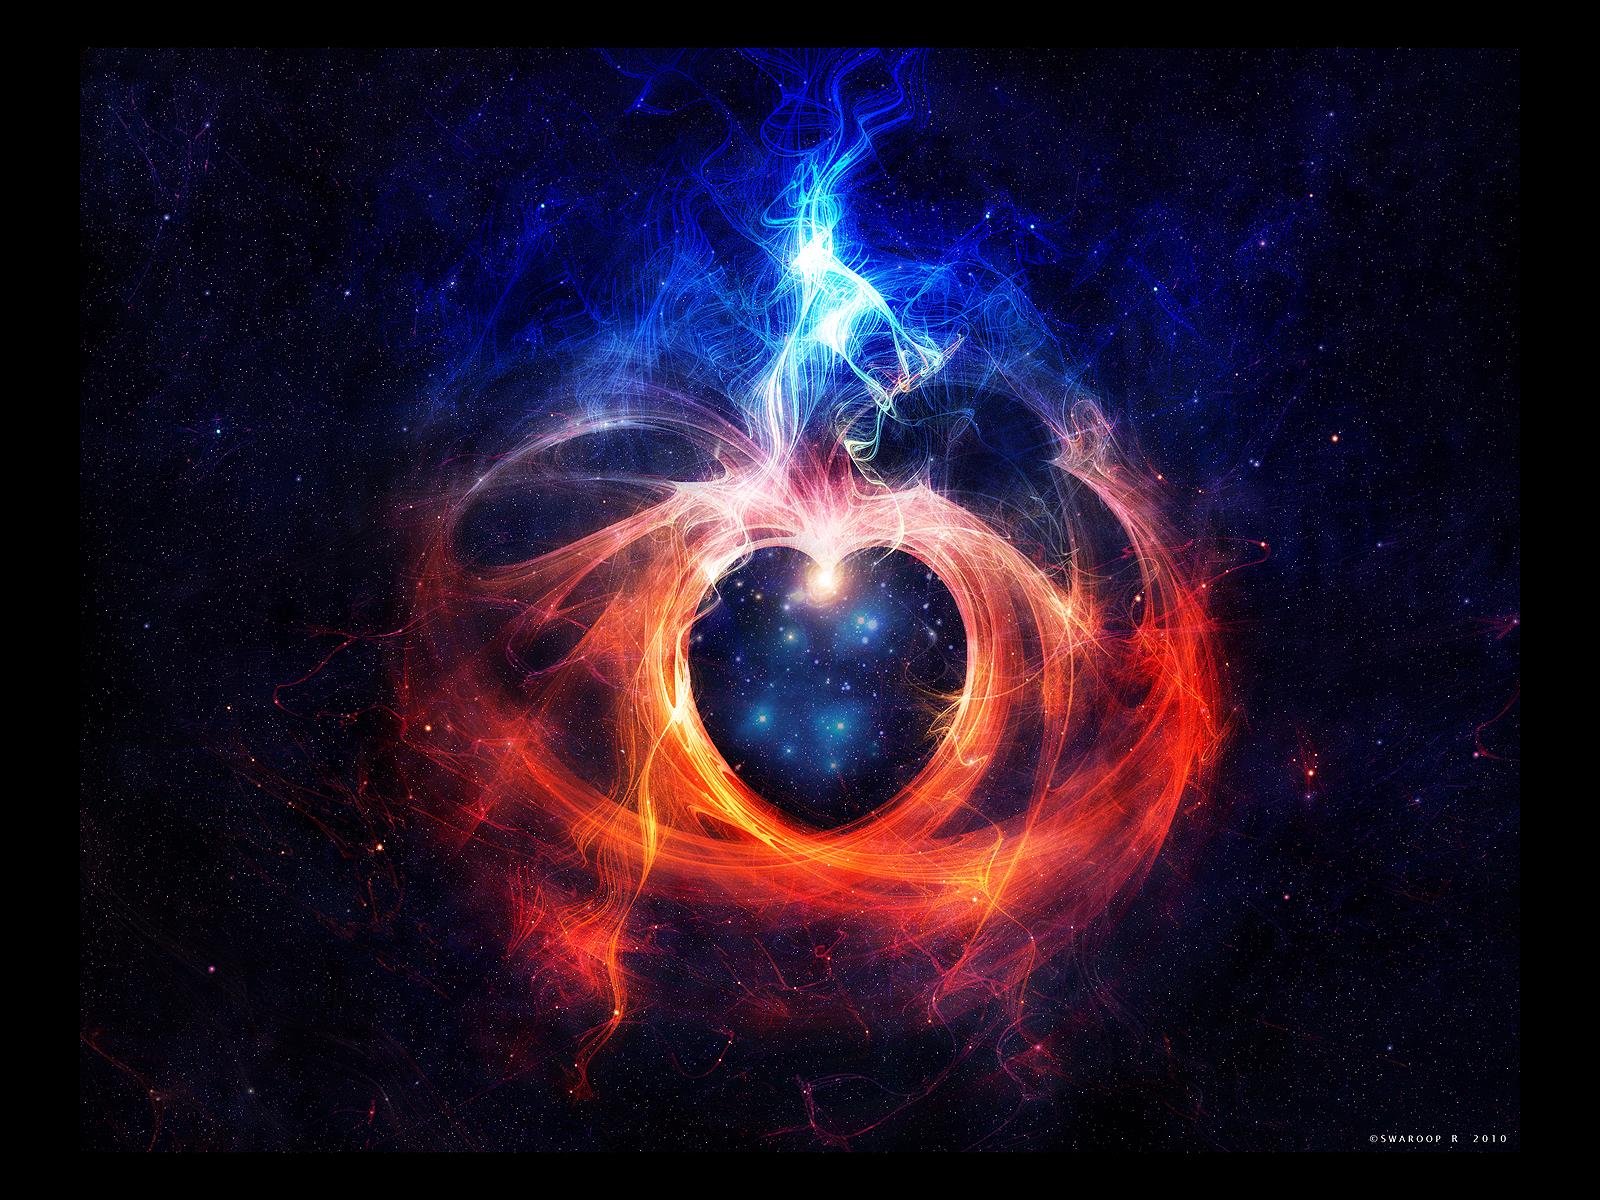 Atrele-se ao Propósito Do Seu Coração – Uma Mensagem PleiadianaPor Christine Day